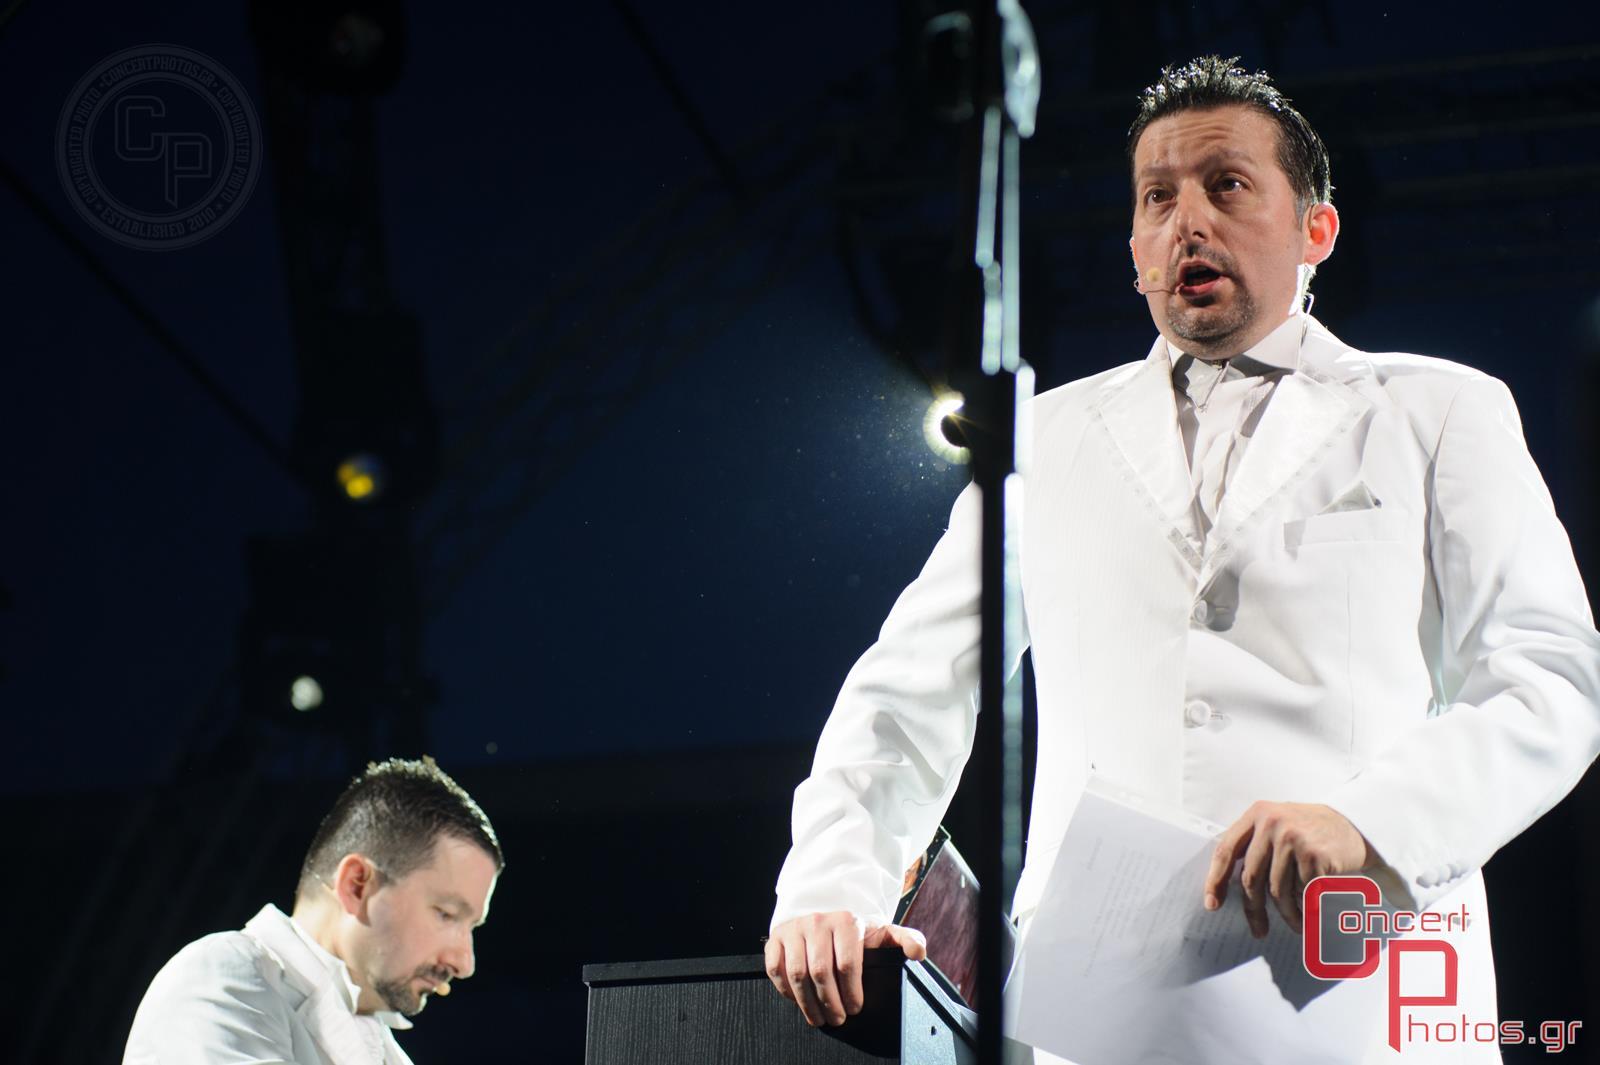 Μία συναυλία για τη Σχεδία 2014-Sxedia 2014 photographer:  - concertphotos_20140526_21_04_01